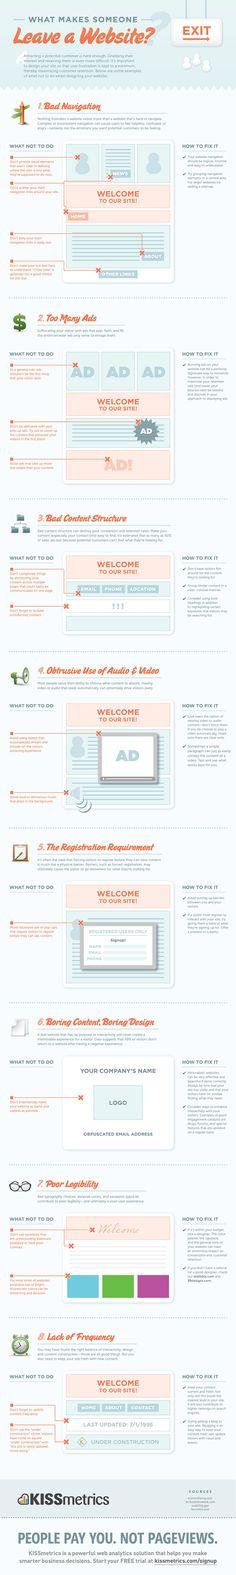 8 motivi per cui una persona abbandona un sito [ #infografica ]